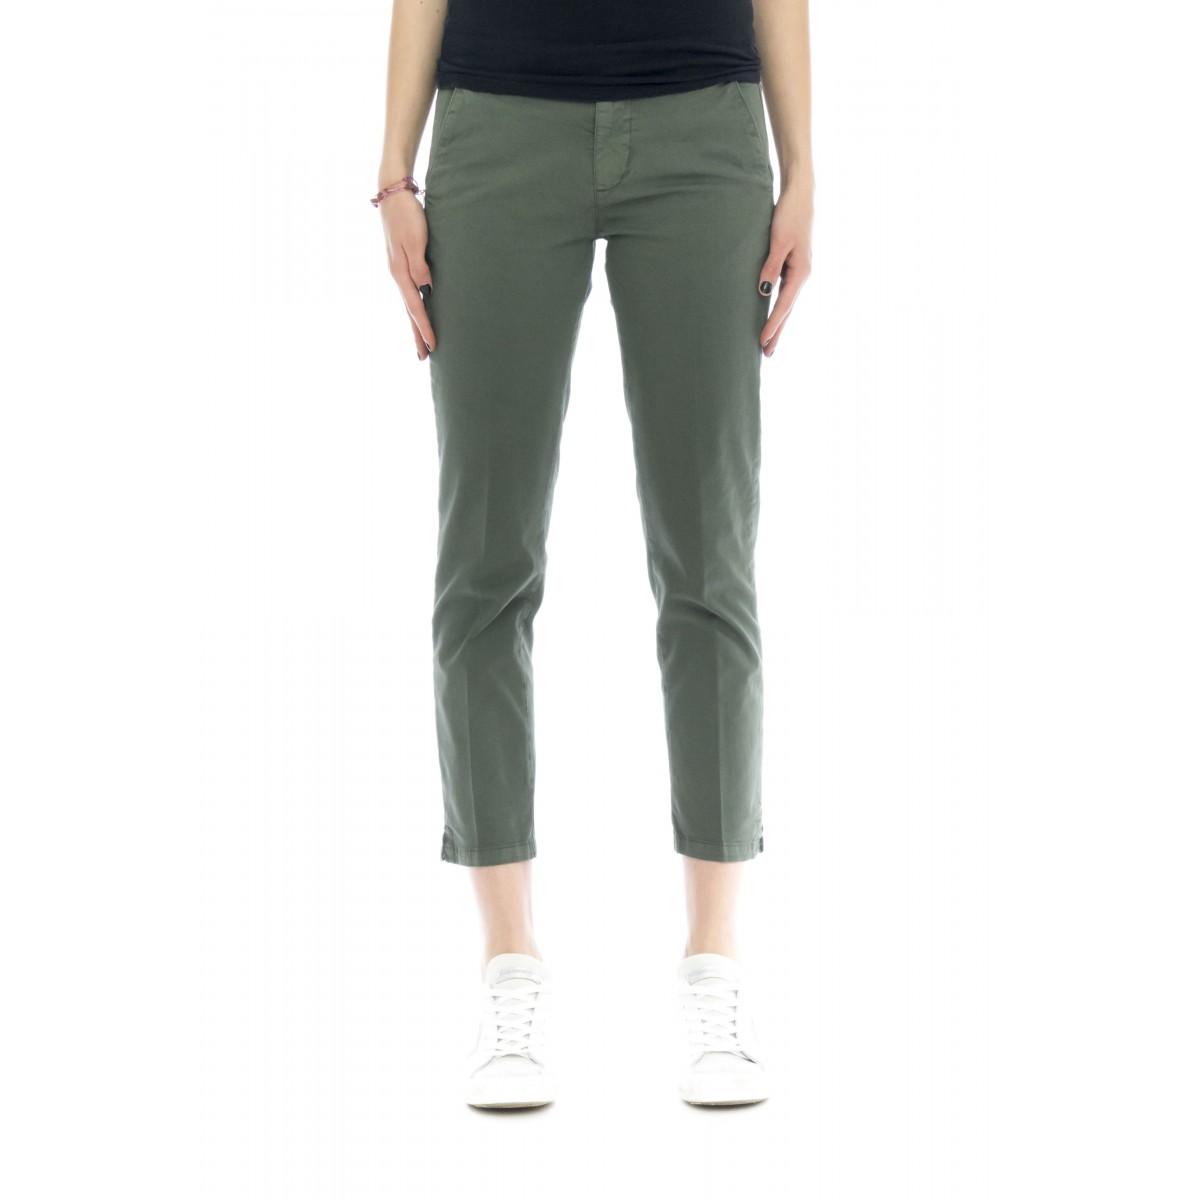 Pantalone donna - Melitas 4200 tinta unita 7/8